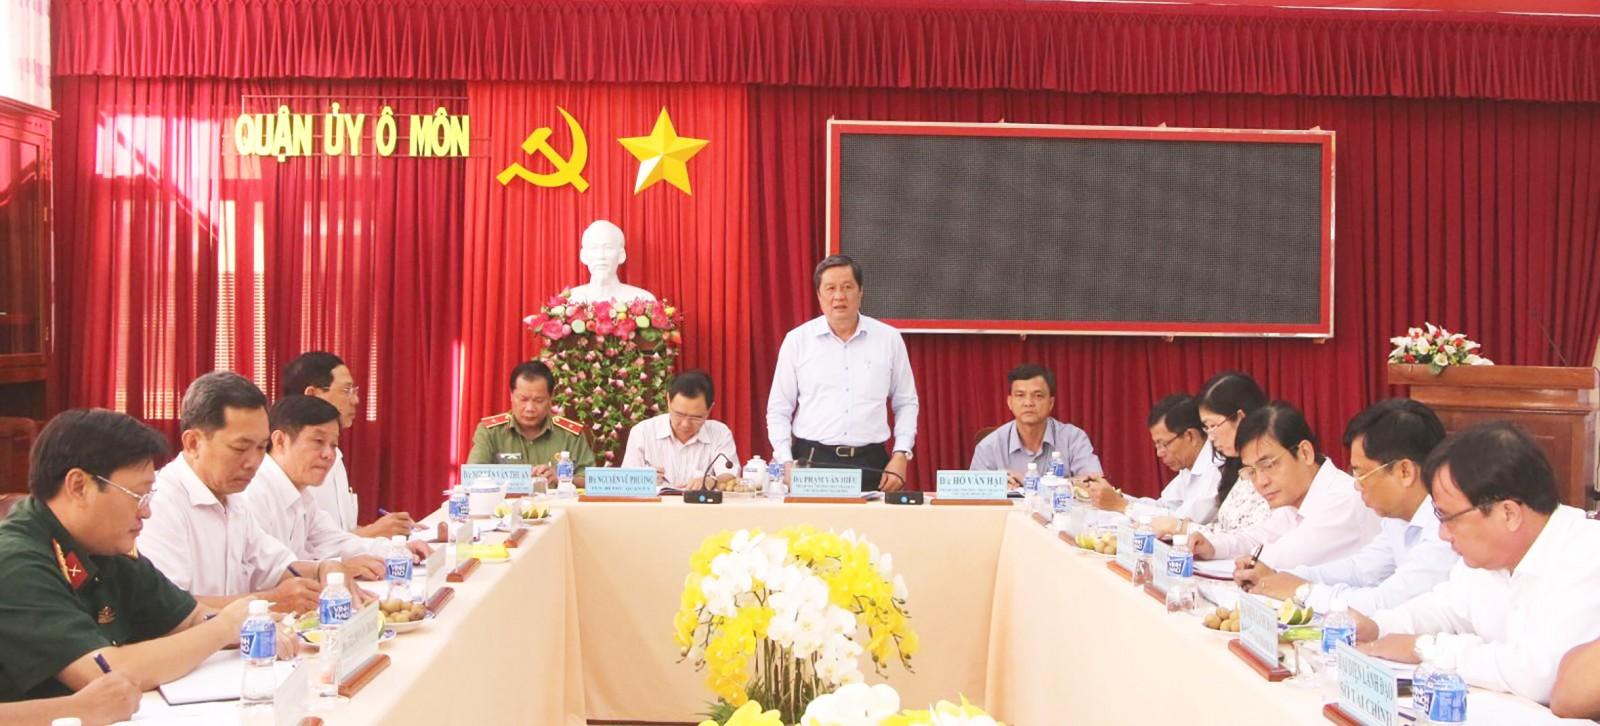 Đồng chí Phạm Văn Hiểu, Phó Bí thư Thường trực Thành ủy, phát biểu chỉ đạo tại buổi làm việc với Ban Thường vụ Quận ủy Ô Môn.